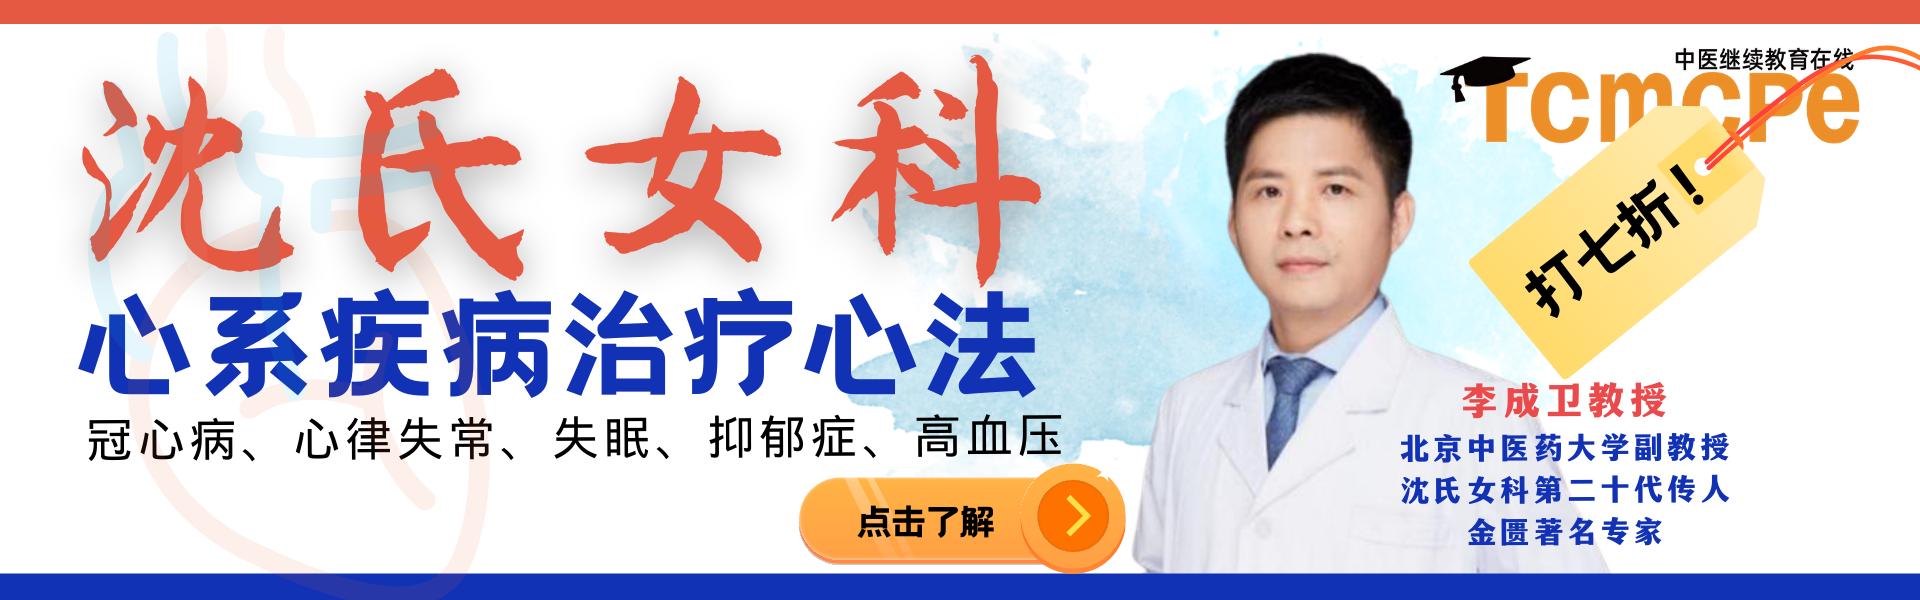 新加坡首创中医线上教育平台 (2).png